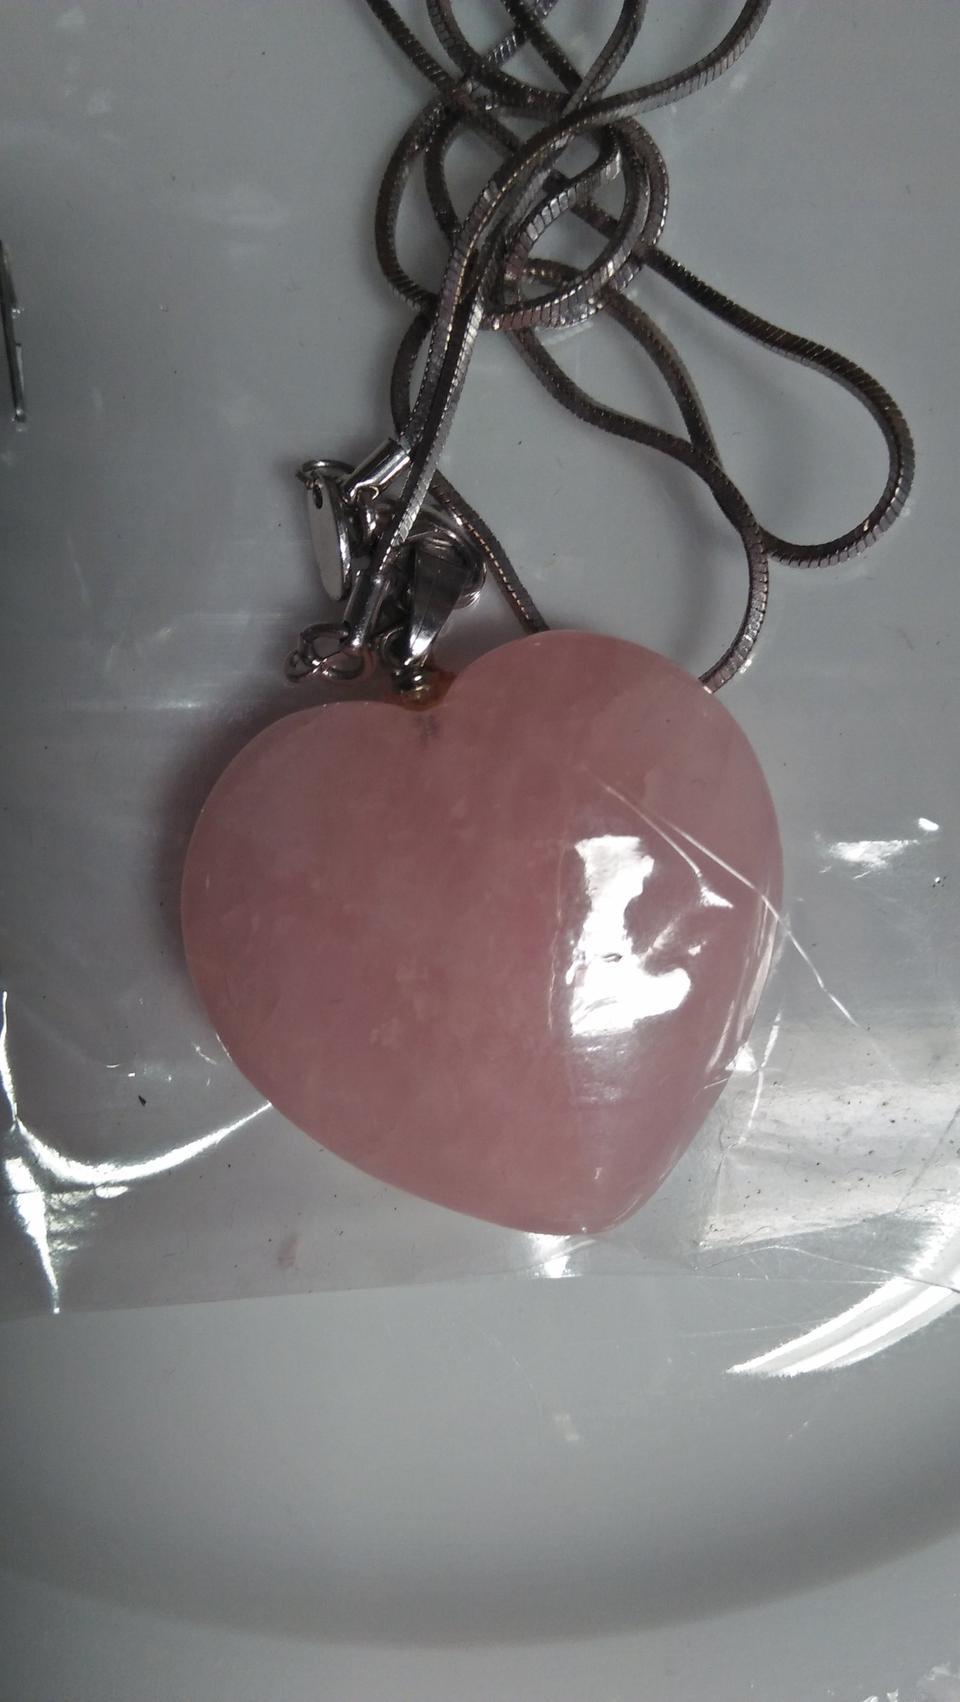 ขายหินรูปหัวใจเนื้อสีชมพู เรียกพลังความรัก รูปที่ 2